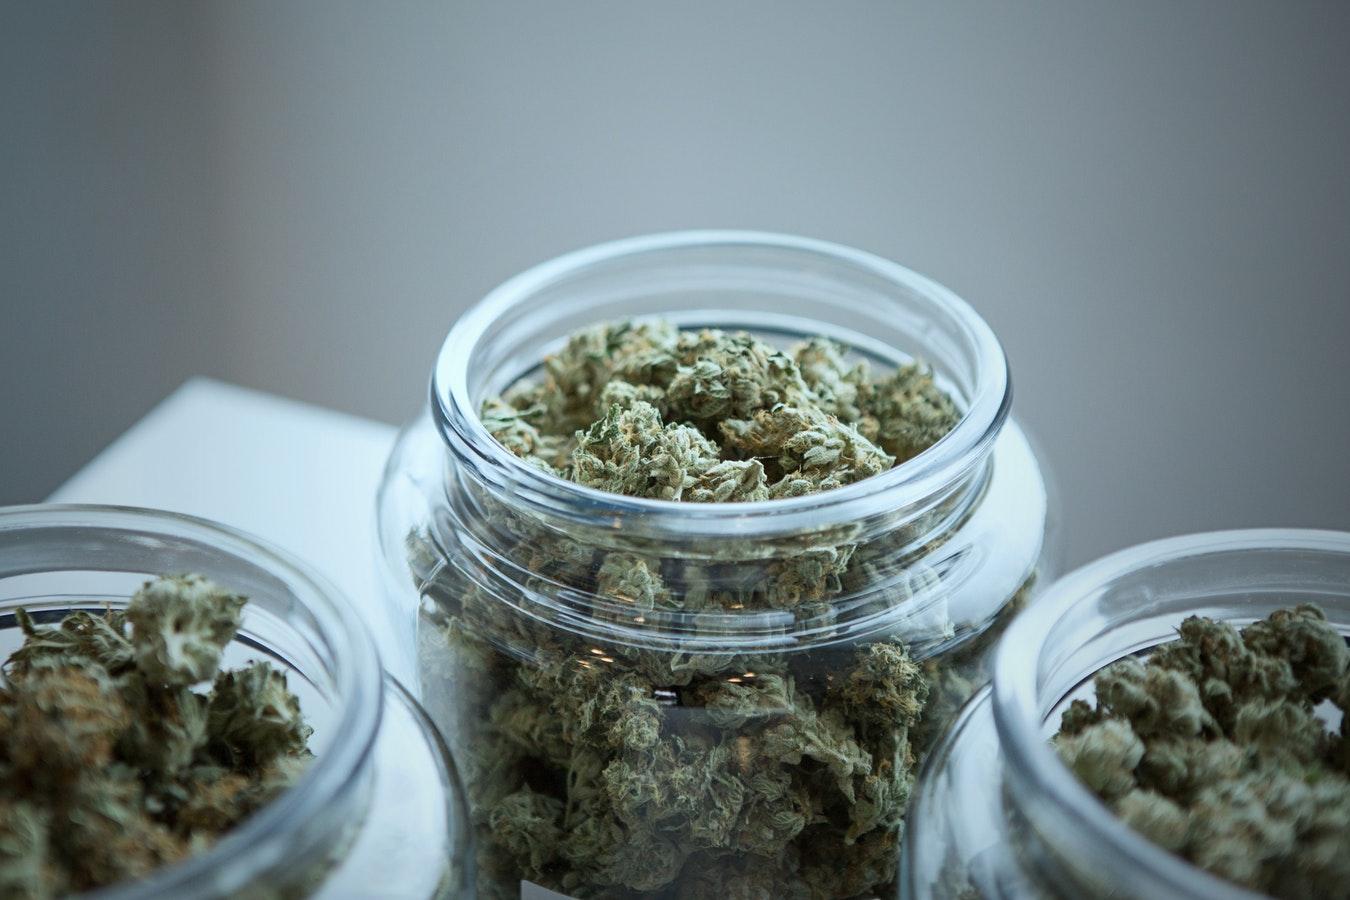 des boulettes de cannabis dans des bocaux